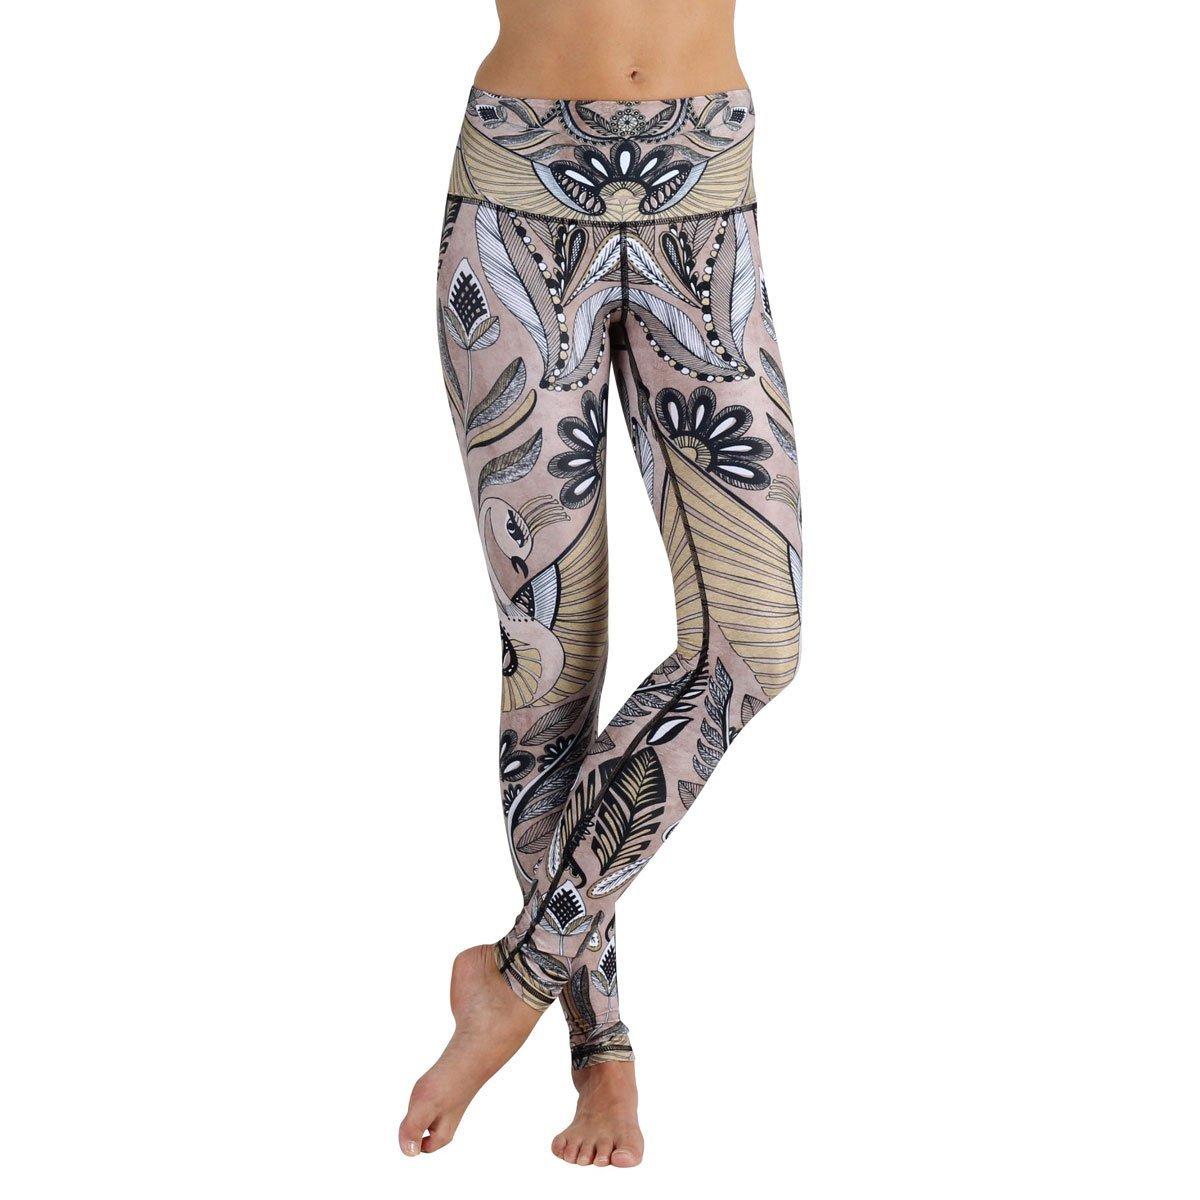 Desert Goddess Printed Yoga Leggings